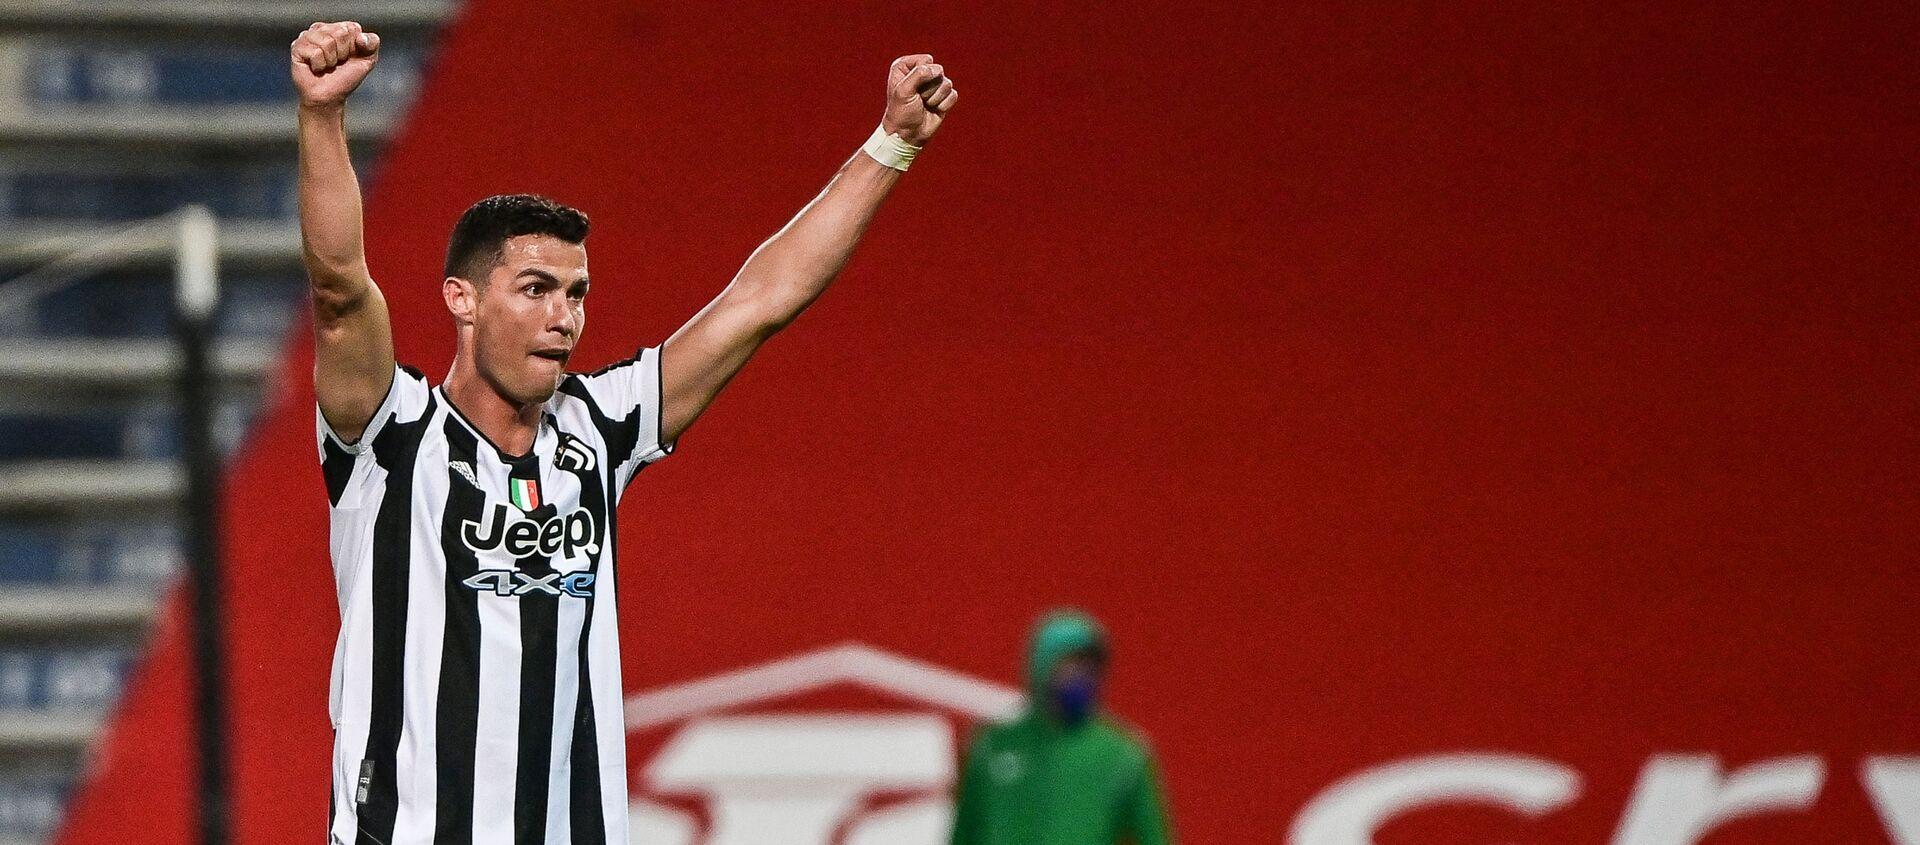 Tiền đạo Cristiano Ronaldo của Bồ Đào Nha ăn mừng chiến thắng trong trận chung kết Cúp quốc gia Ý. - Sputnik Việt Nam, 1920, 21.05.2021